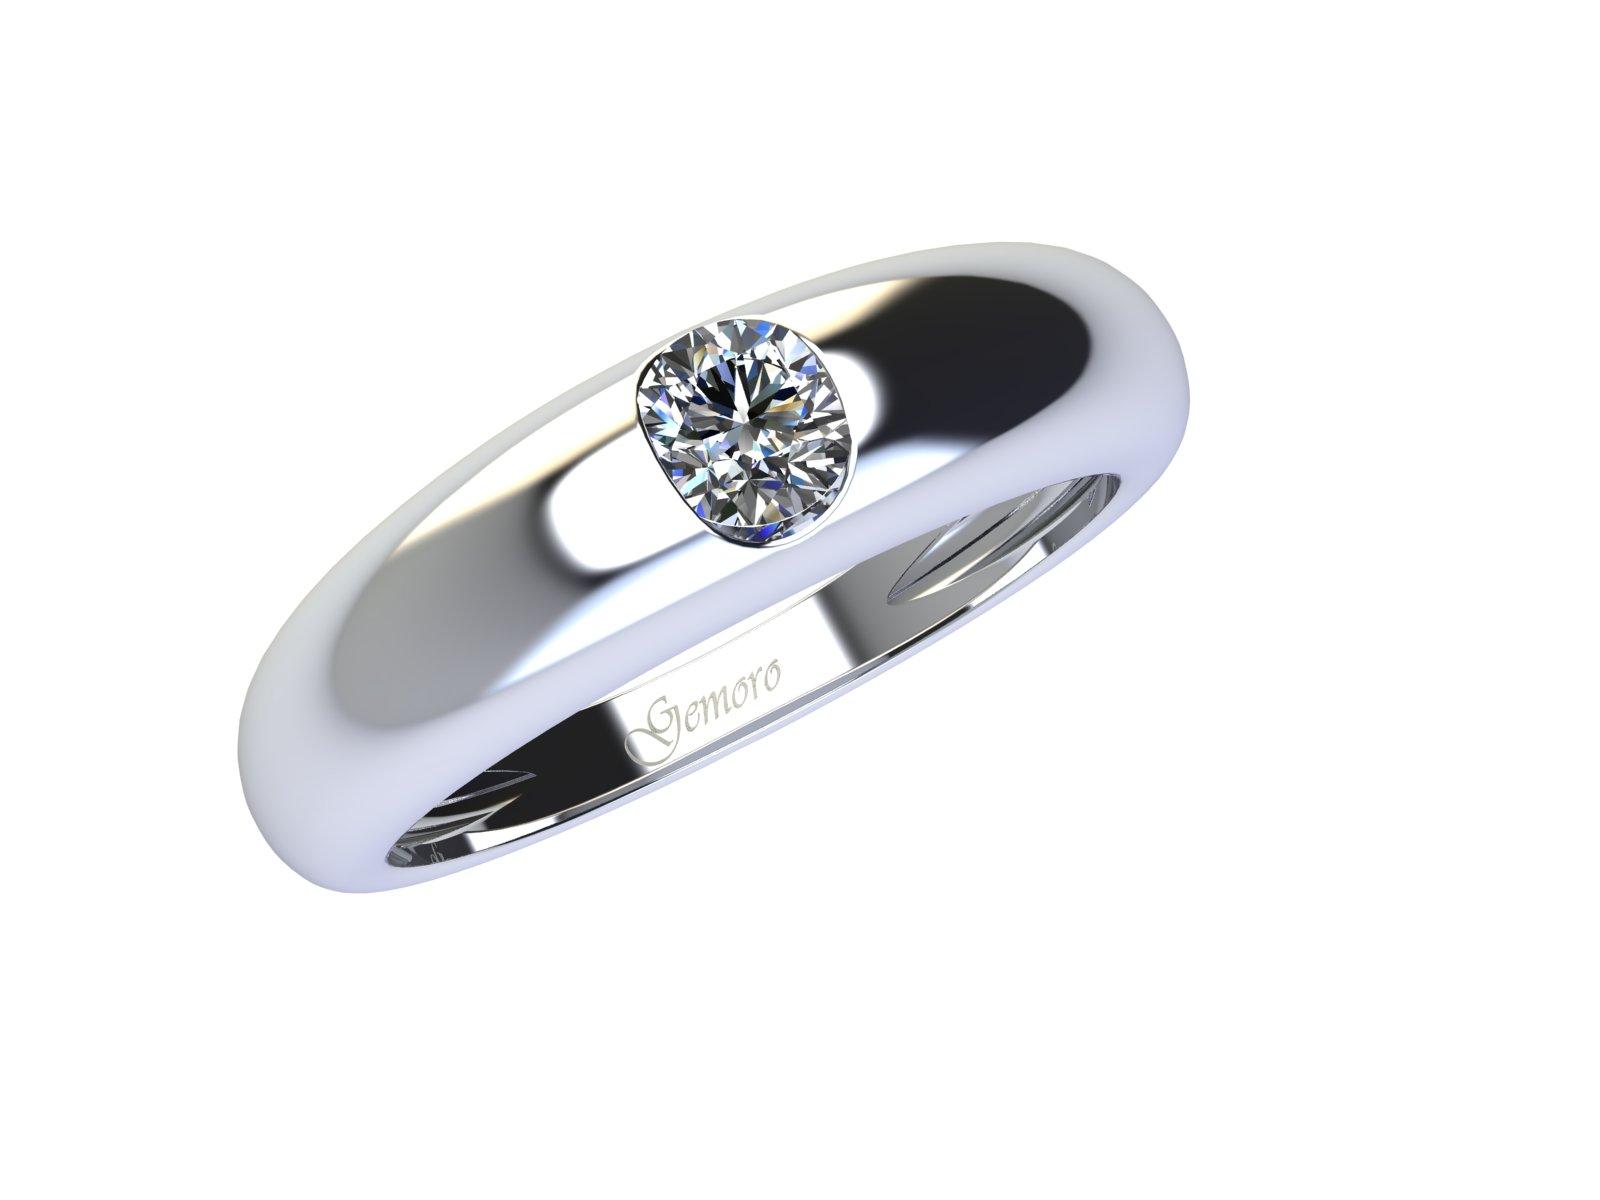 SS737BIA.08 – Anello in oro 18kt con Diamante Naturale taglio Brillante